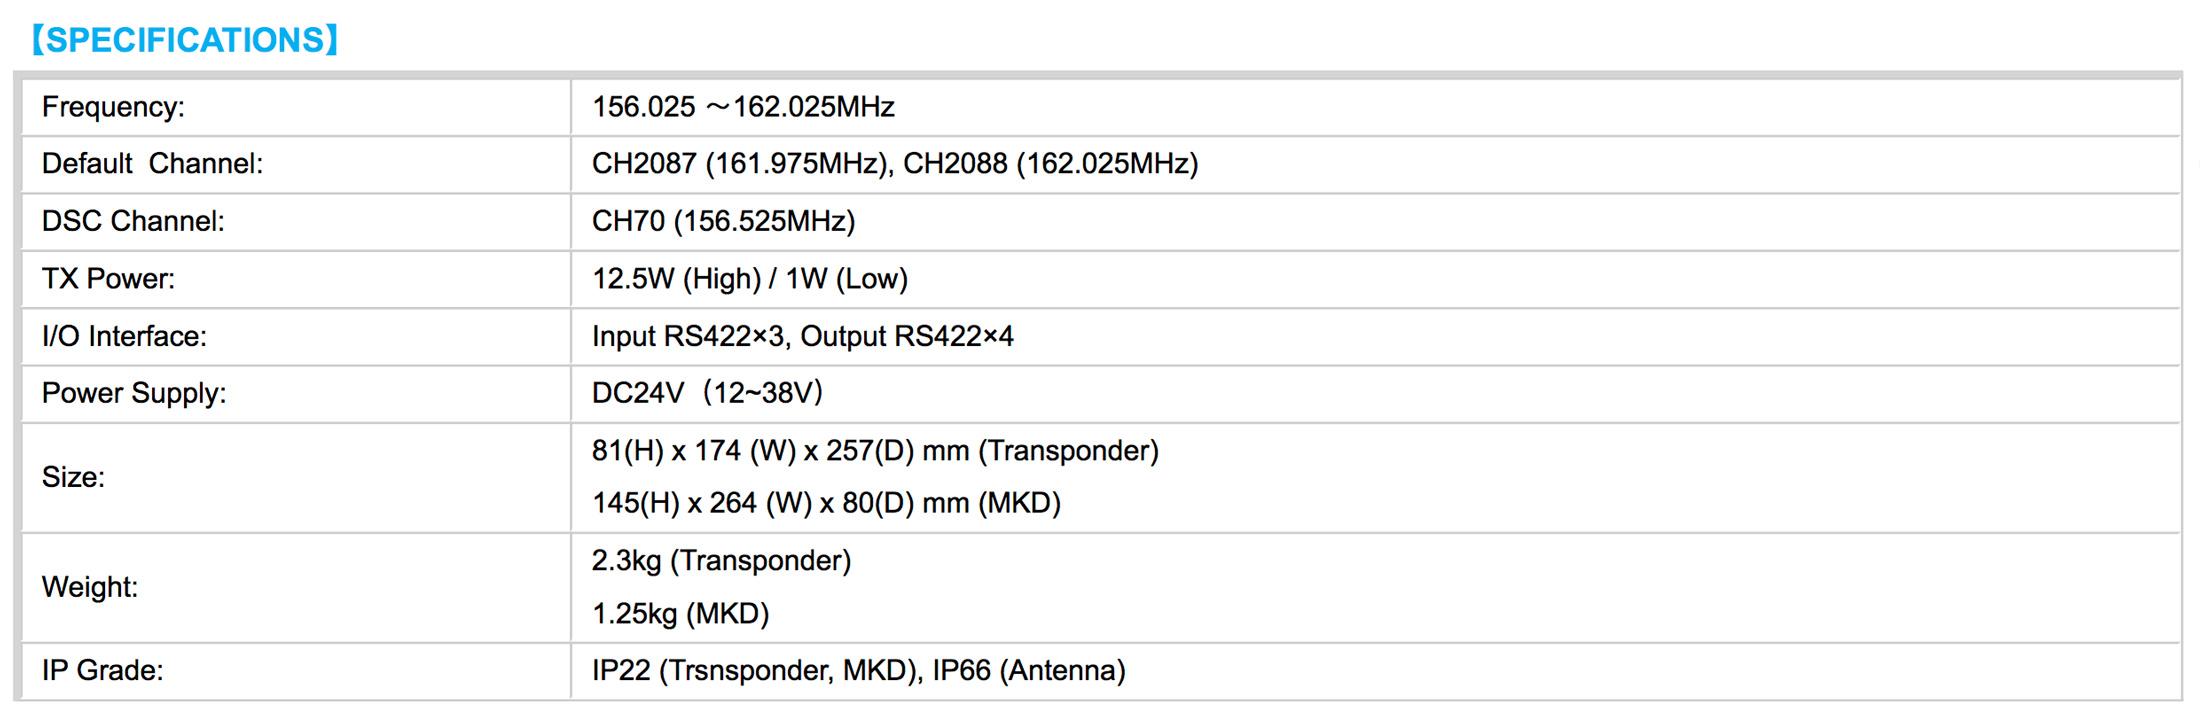 Especificaciones NSR NSI-1000